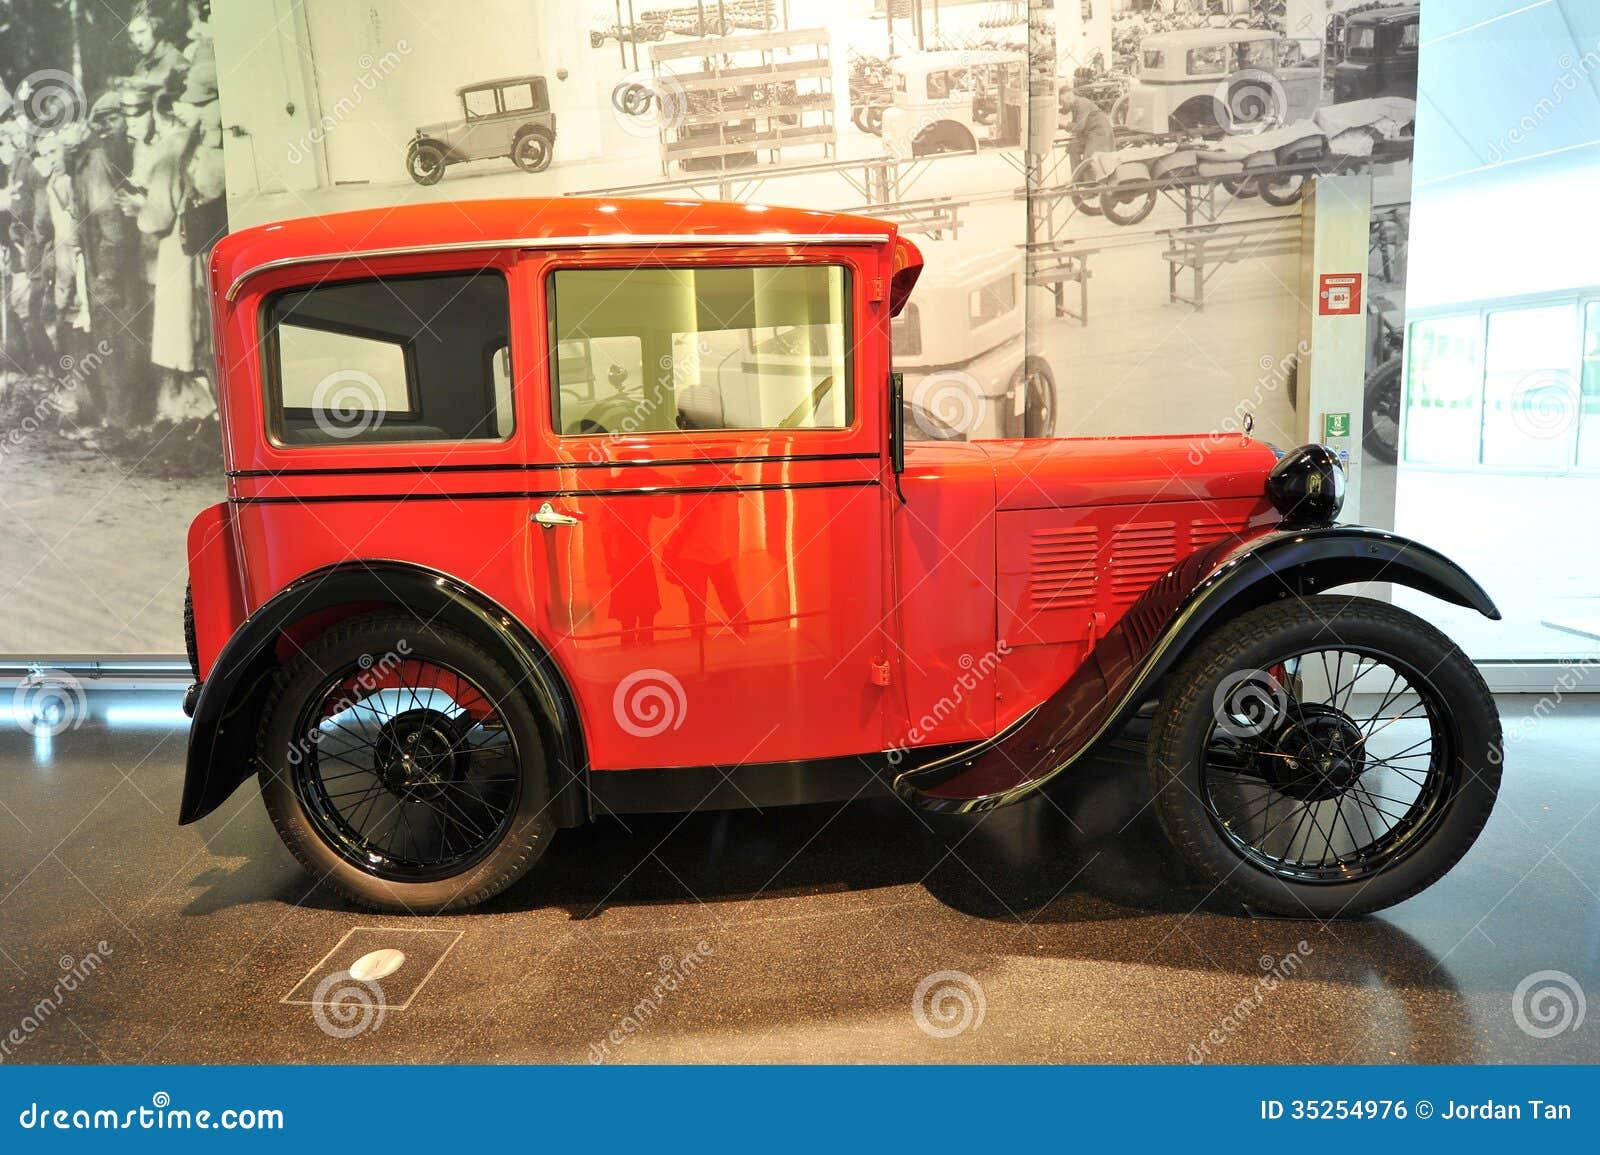 Cute First Car Produced Photos - Classic Cars Ideas - boiq.info